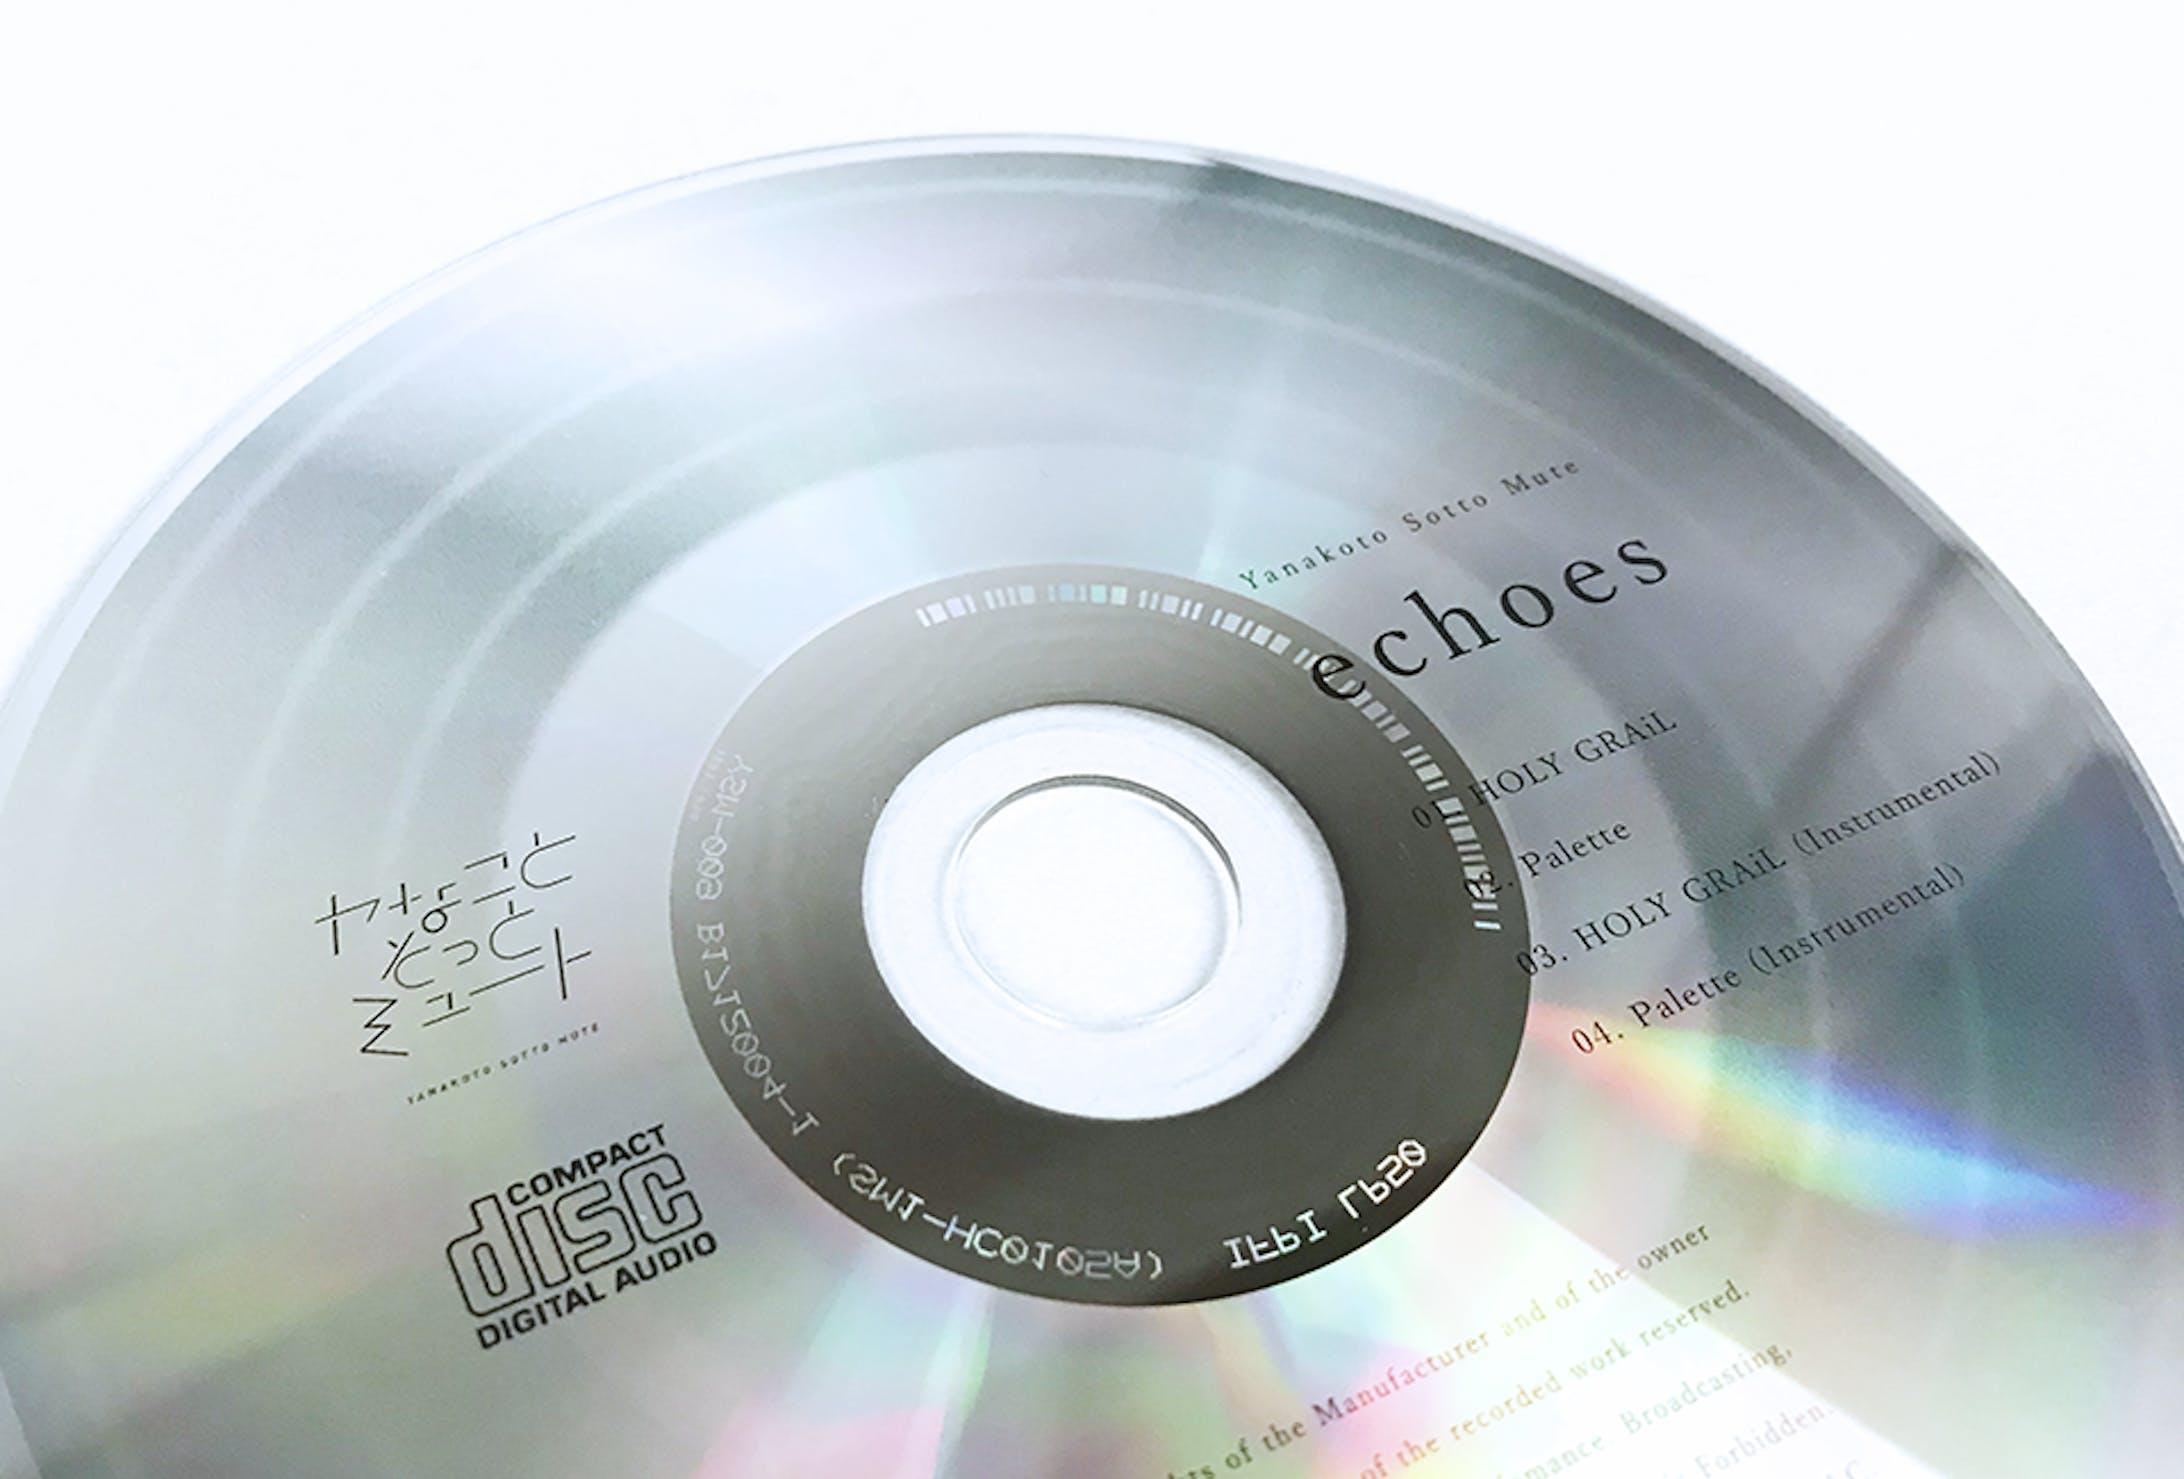 ヤなことそっとミュート echoes EP-3